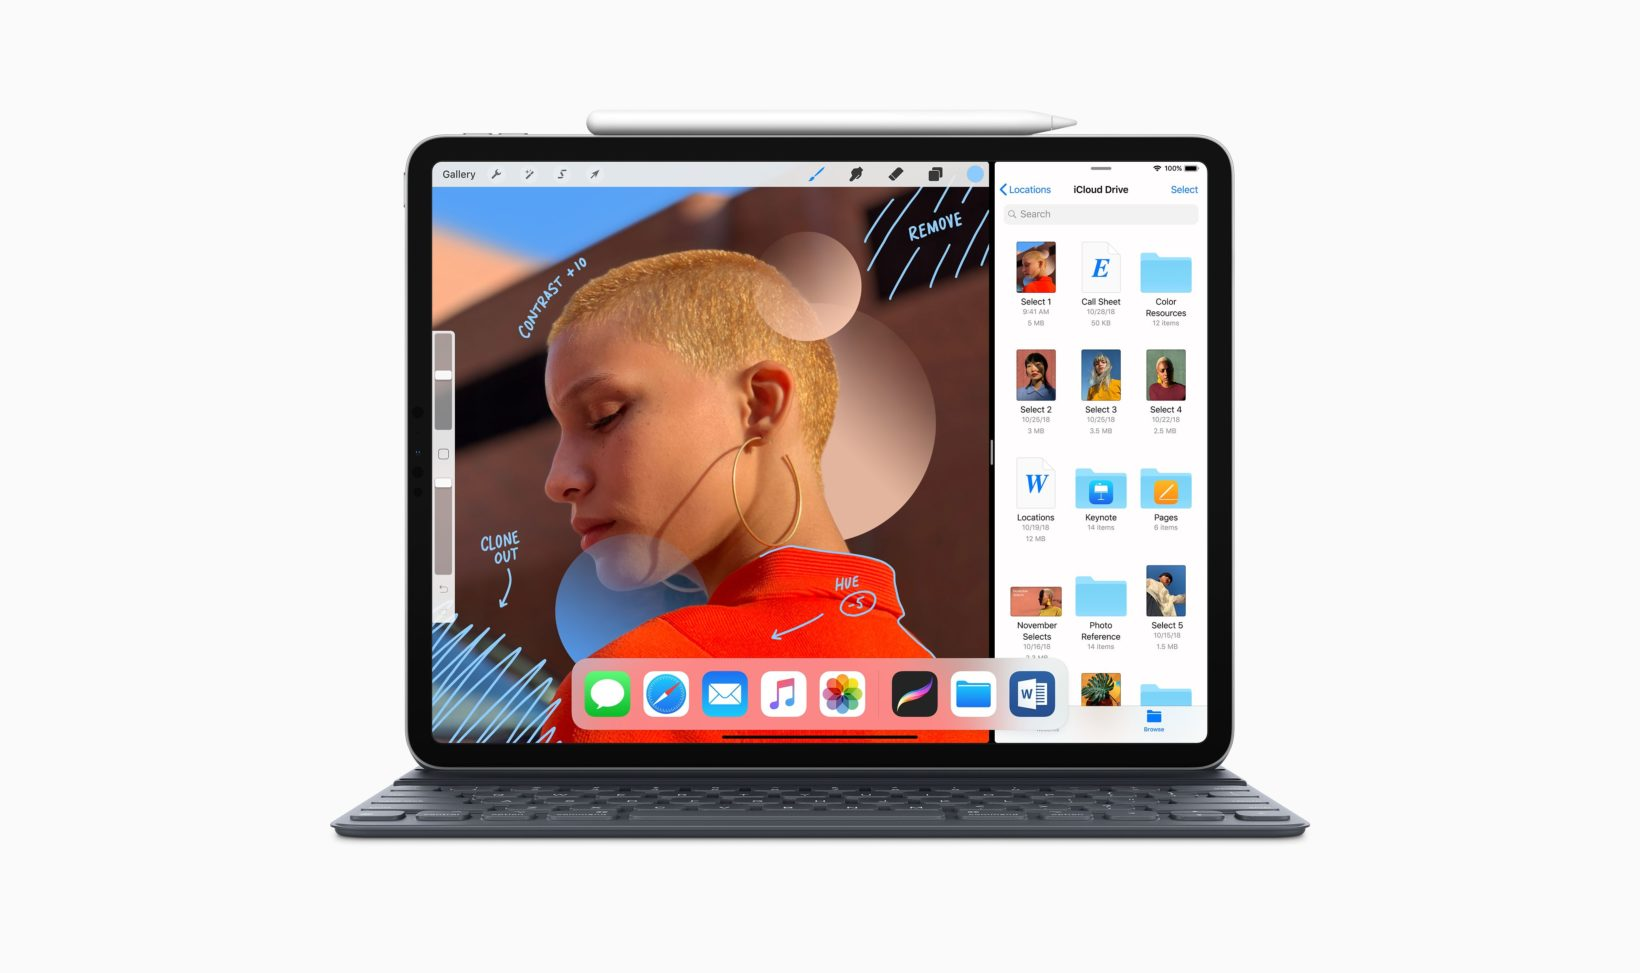 Riparare iPad Pro 2018 fuori garanzia